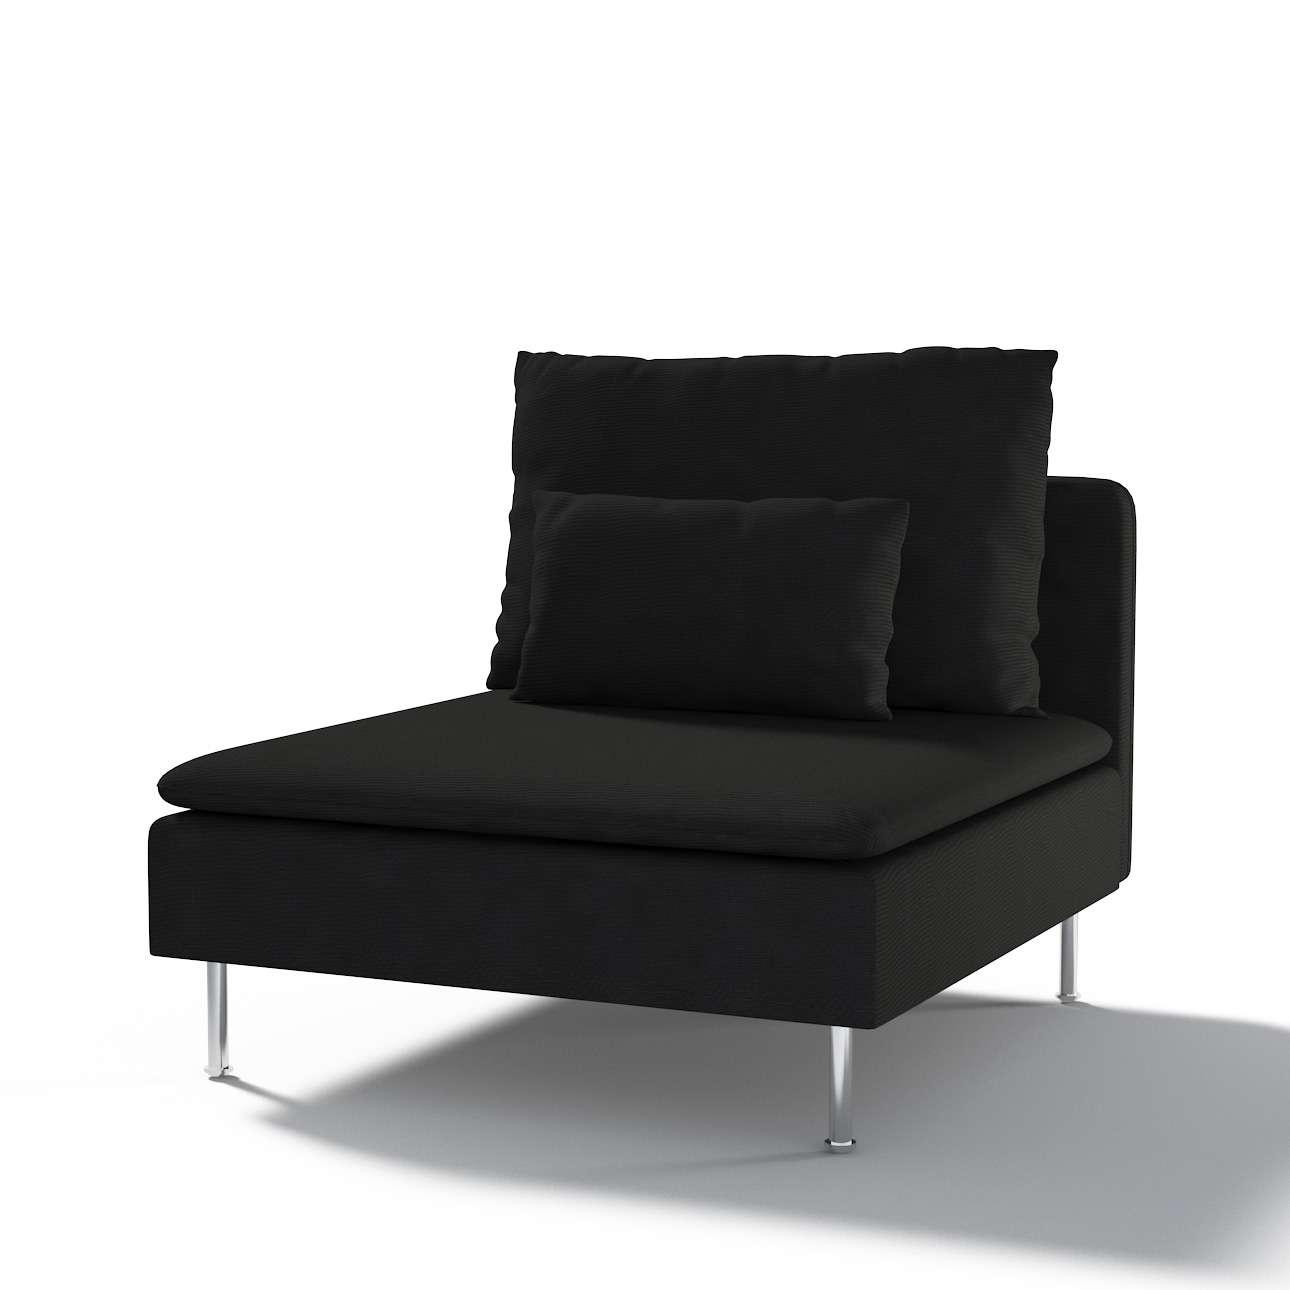 Bezug für Söderhamn Sitzelement 1 von der Kollektion Etna, Stoff: 705-00